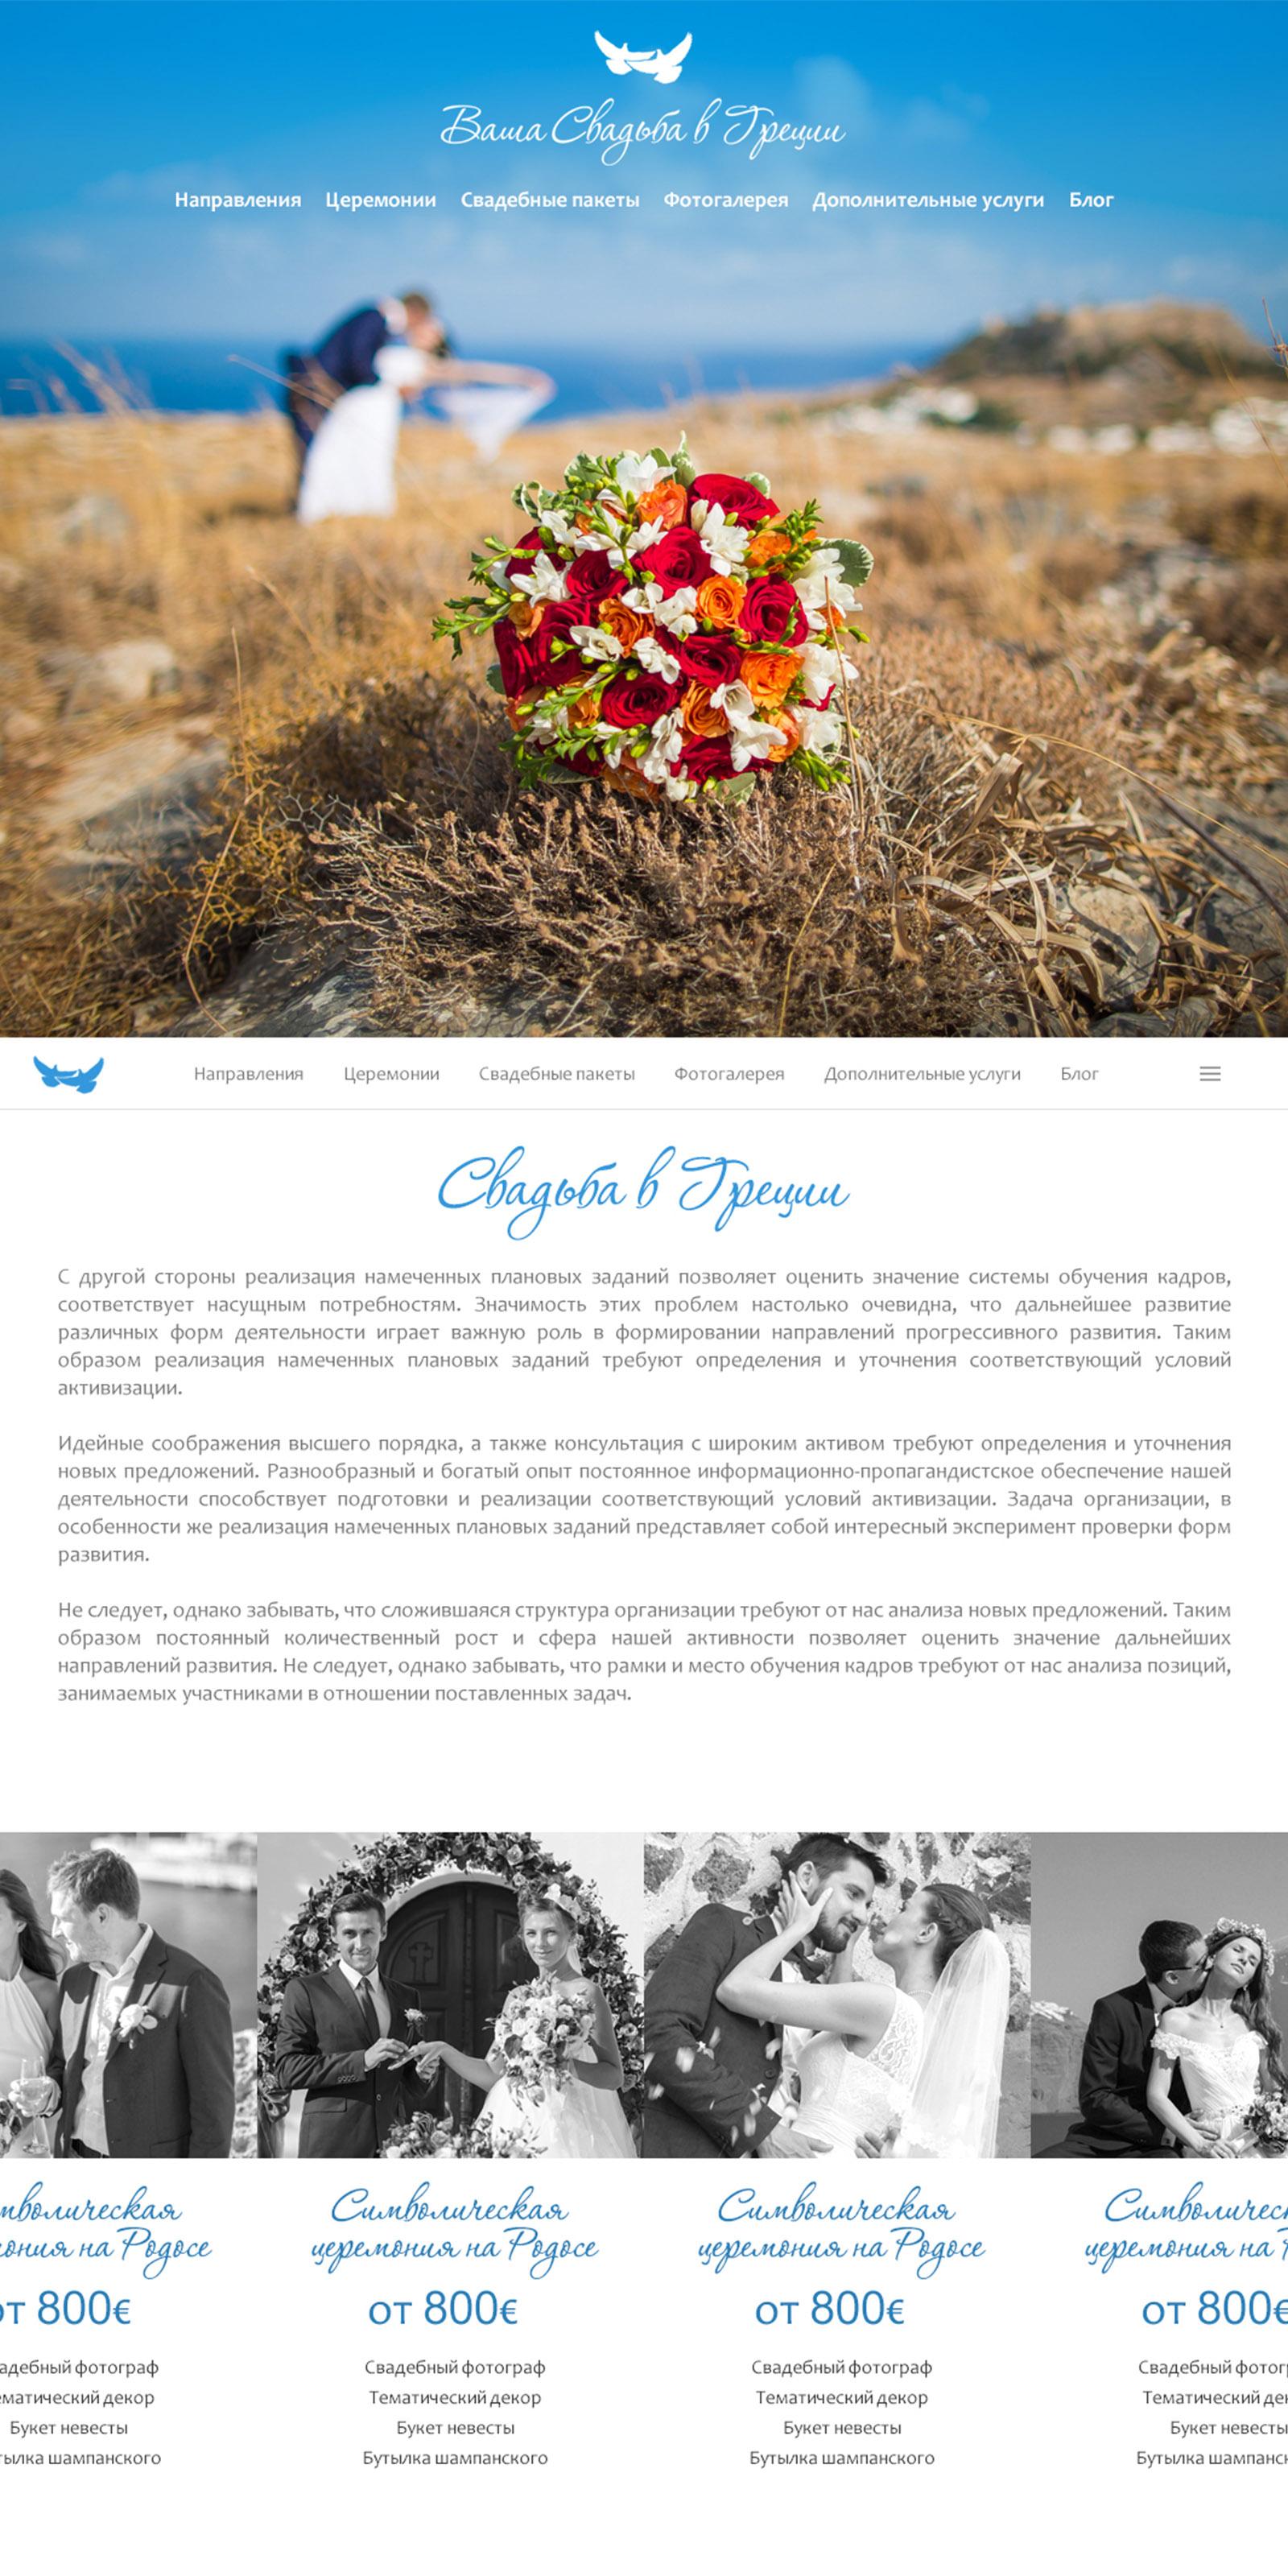 Ваша свадьба в Греции